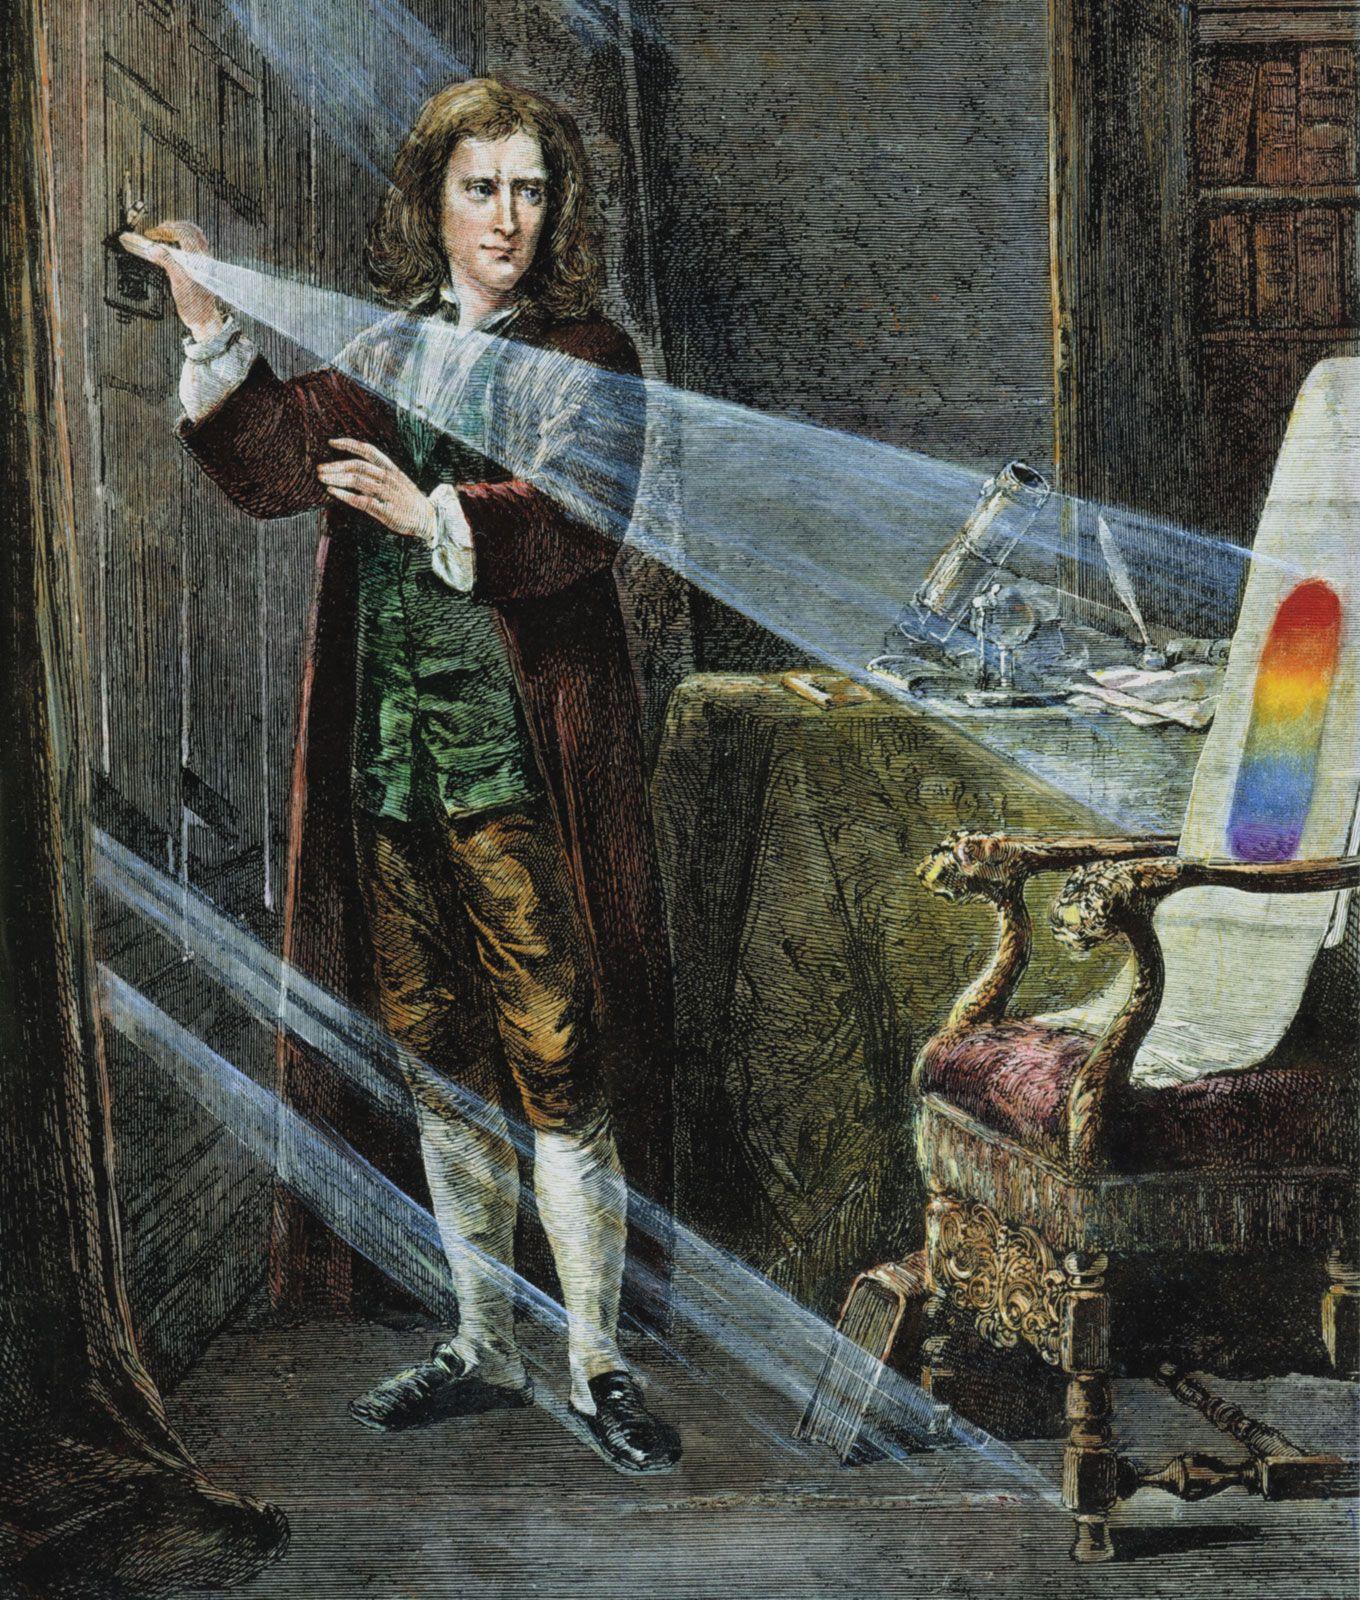 006 Isaac Newton's optics experiments (16661672) technique